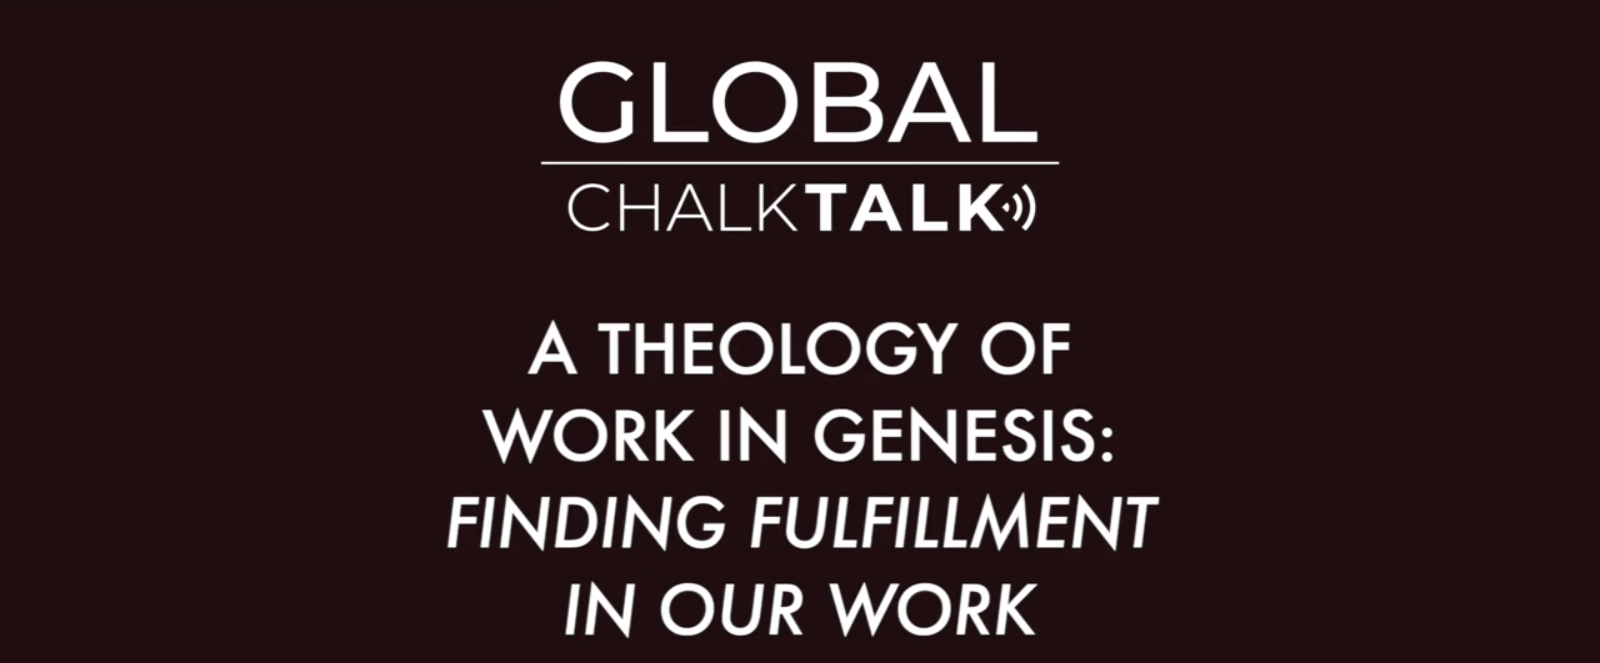 Theology, Work in Genesis